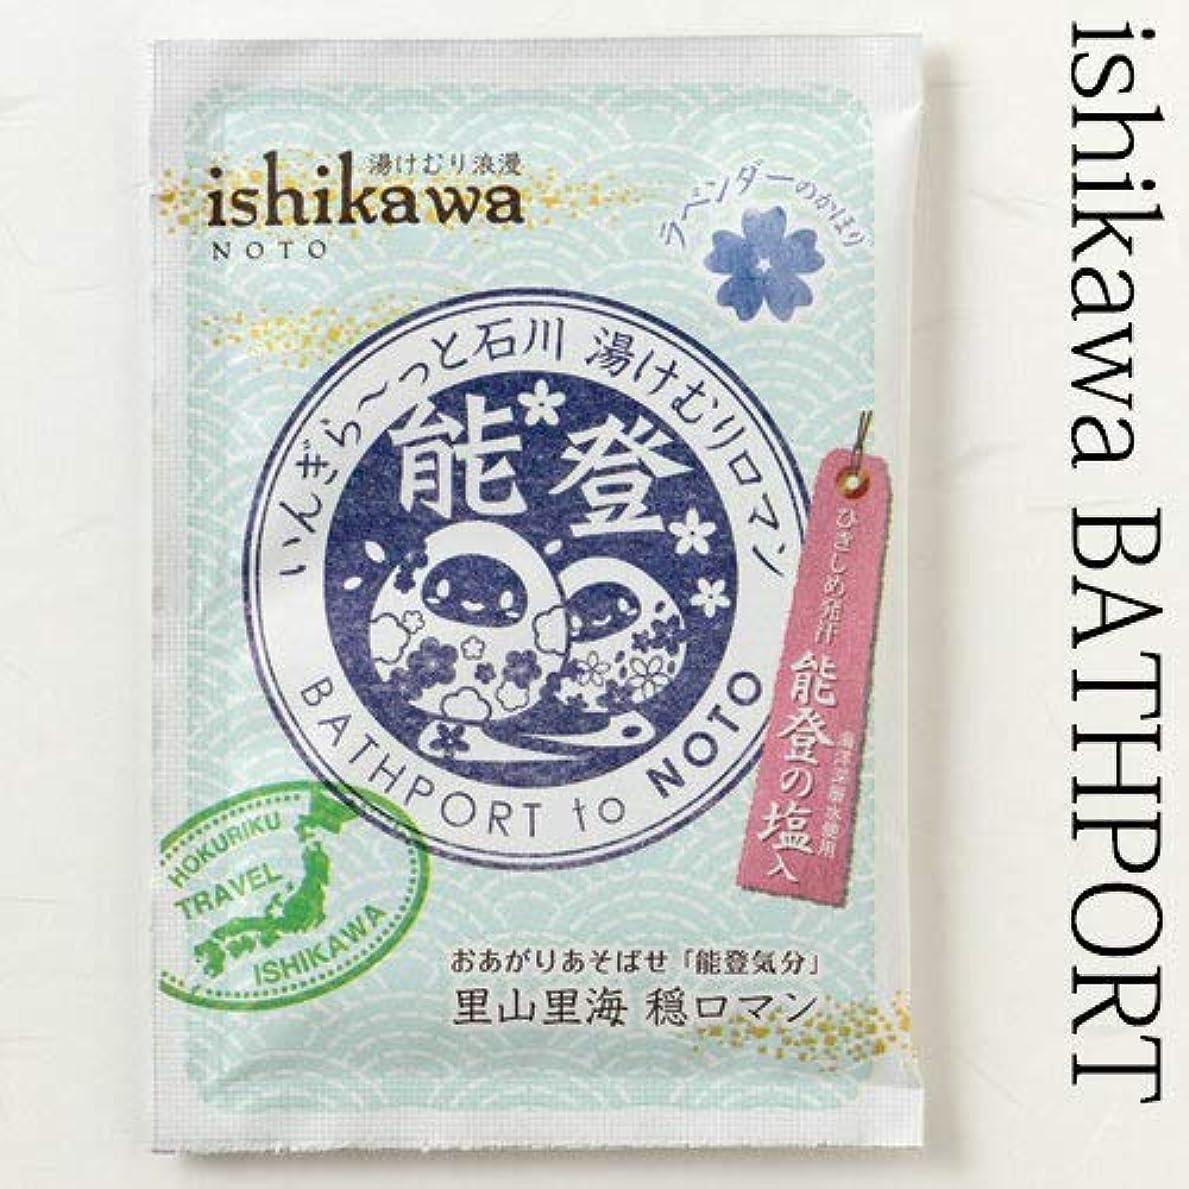 入浴料BATHPORT能登気分?ラベンダーの香りひきしめ発汗能登の塩入1包石川県のお風呂グッズBath additive, Ishikawa craft